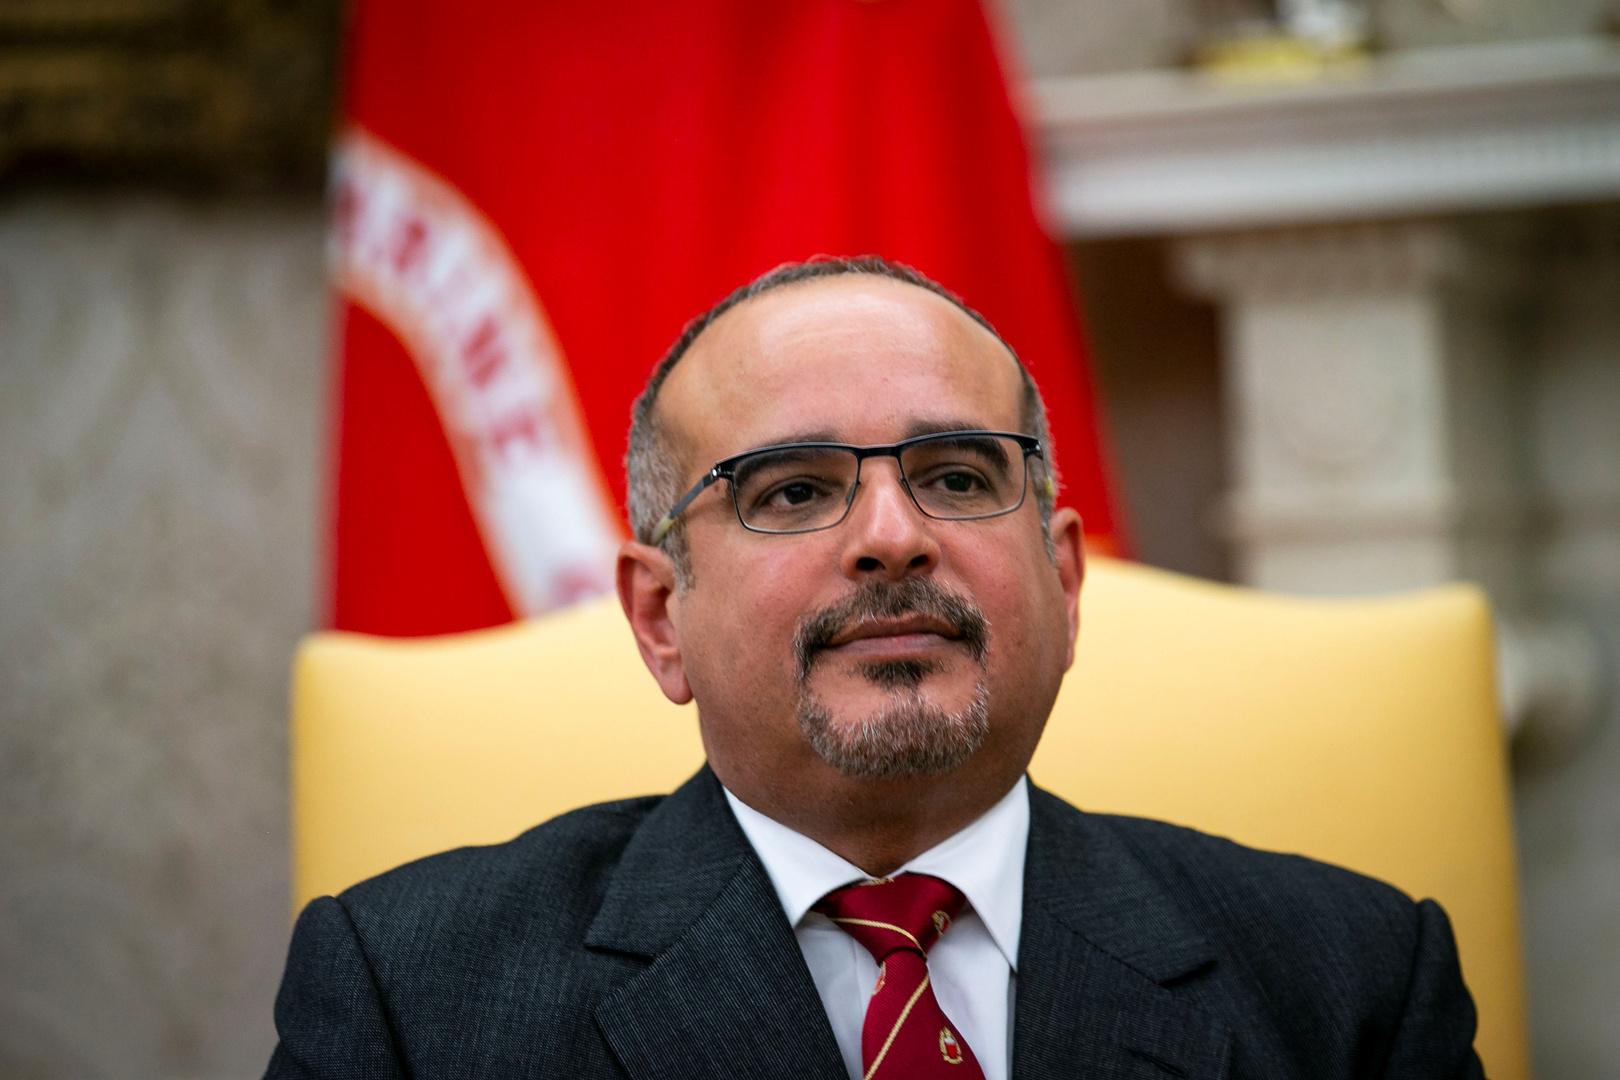 ولي عهد البحرين: نسعى لإقامة علاقات مع روسيا ترتكز على المصالح المشتركة